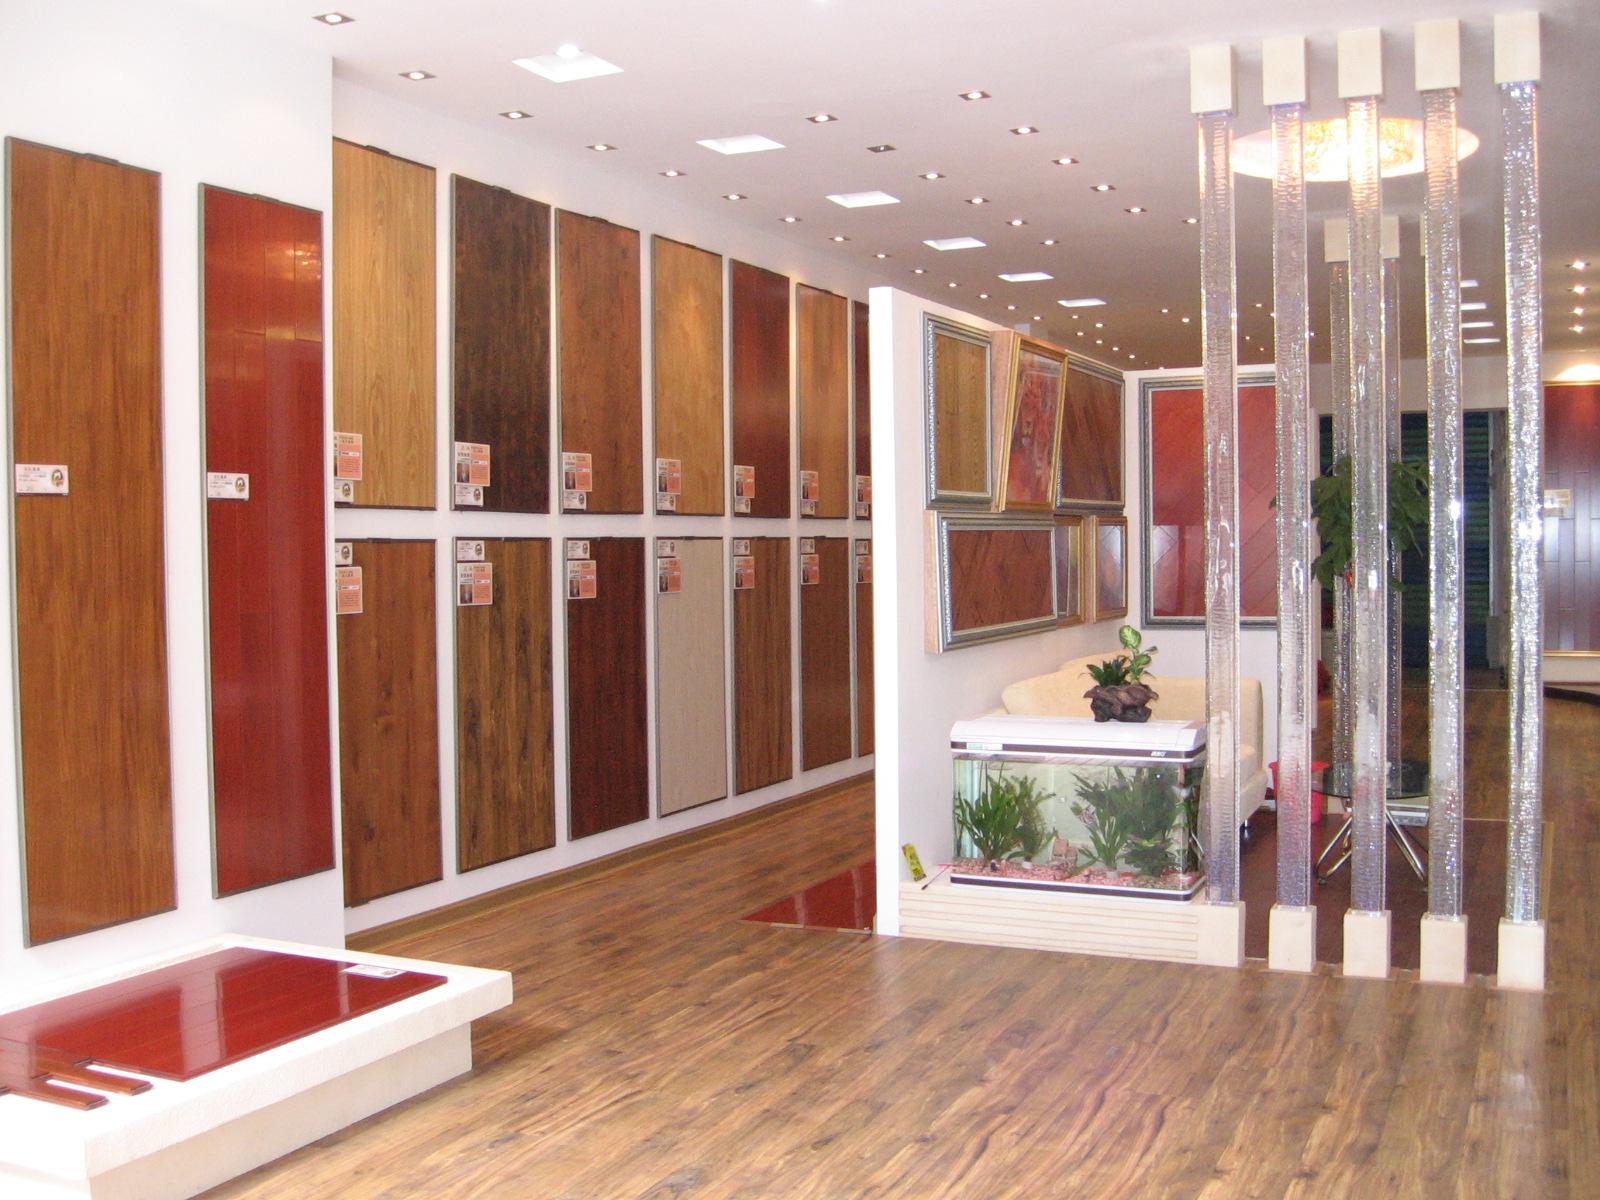 桂林 安信 地板 免费设, 免费装修设计,装修效果图,,.